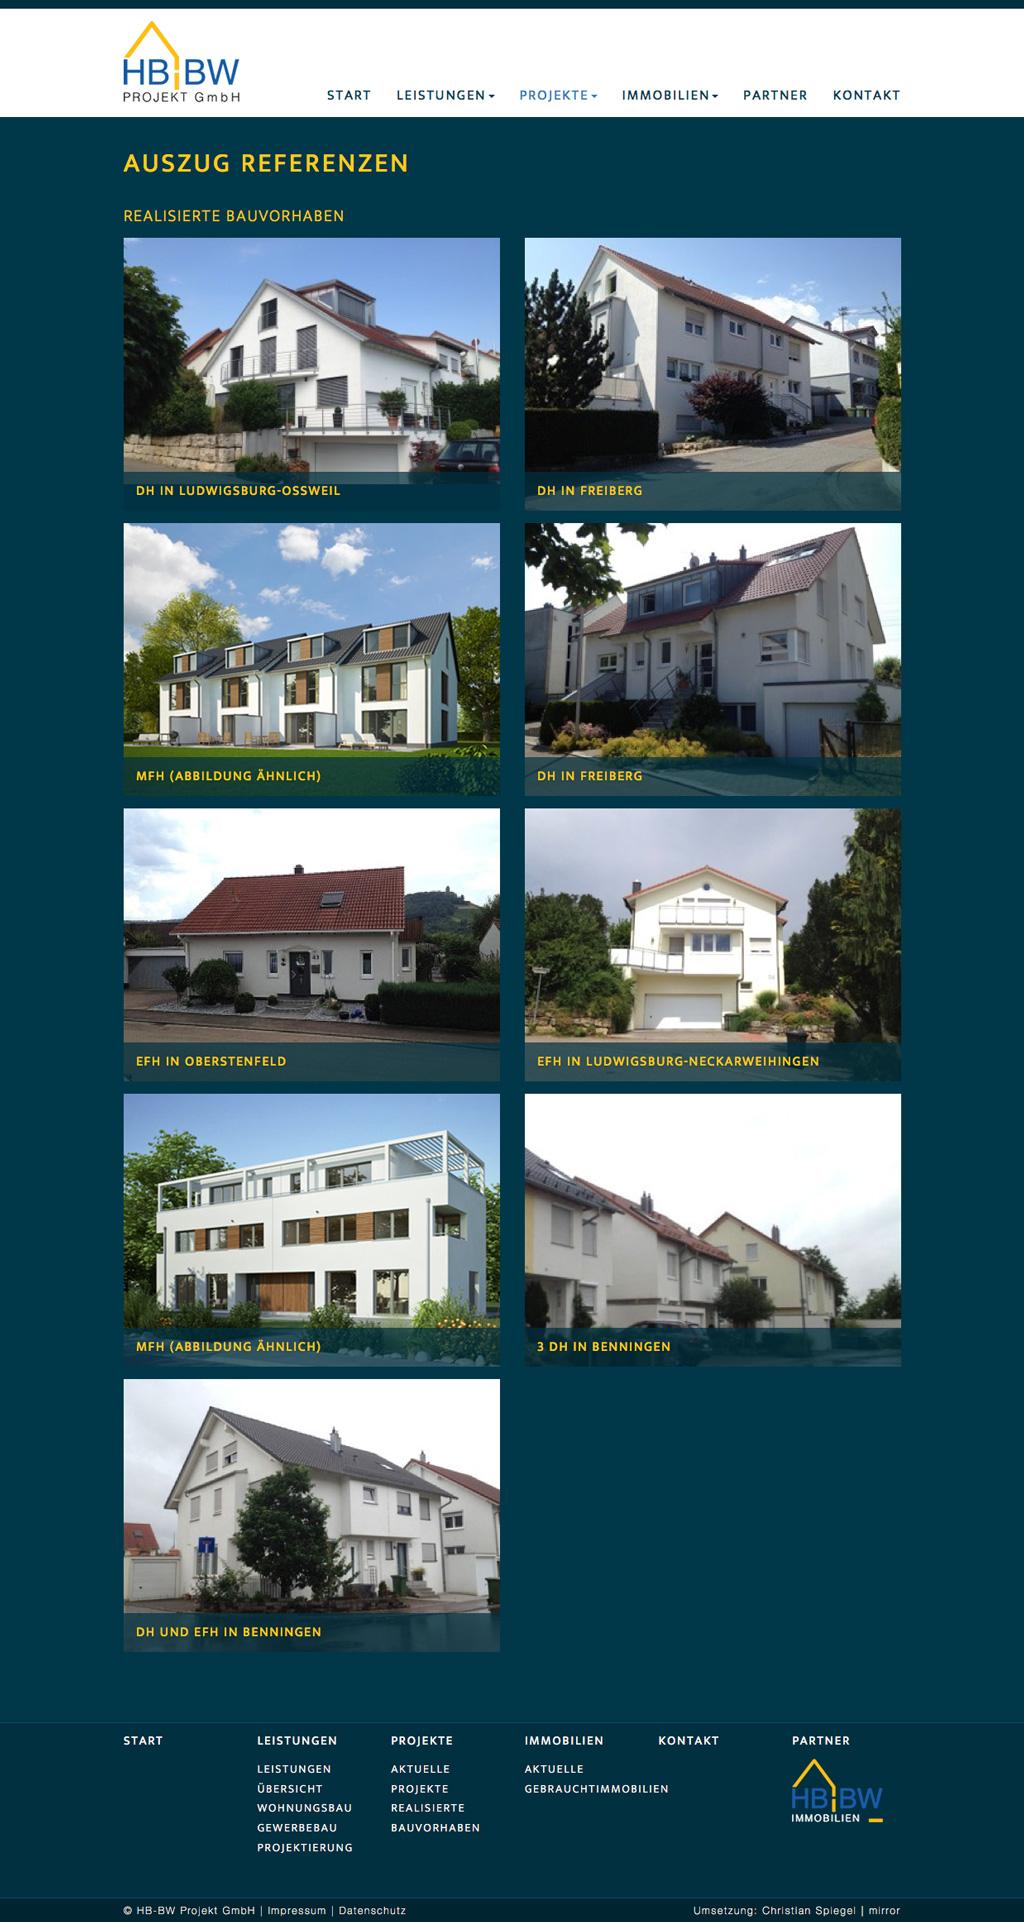 HB-BW Projekt Gmbh und HB-BW Immmobilien